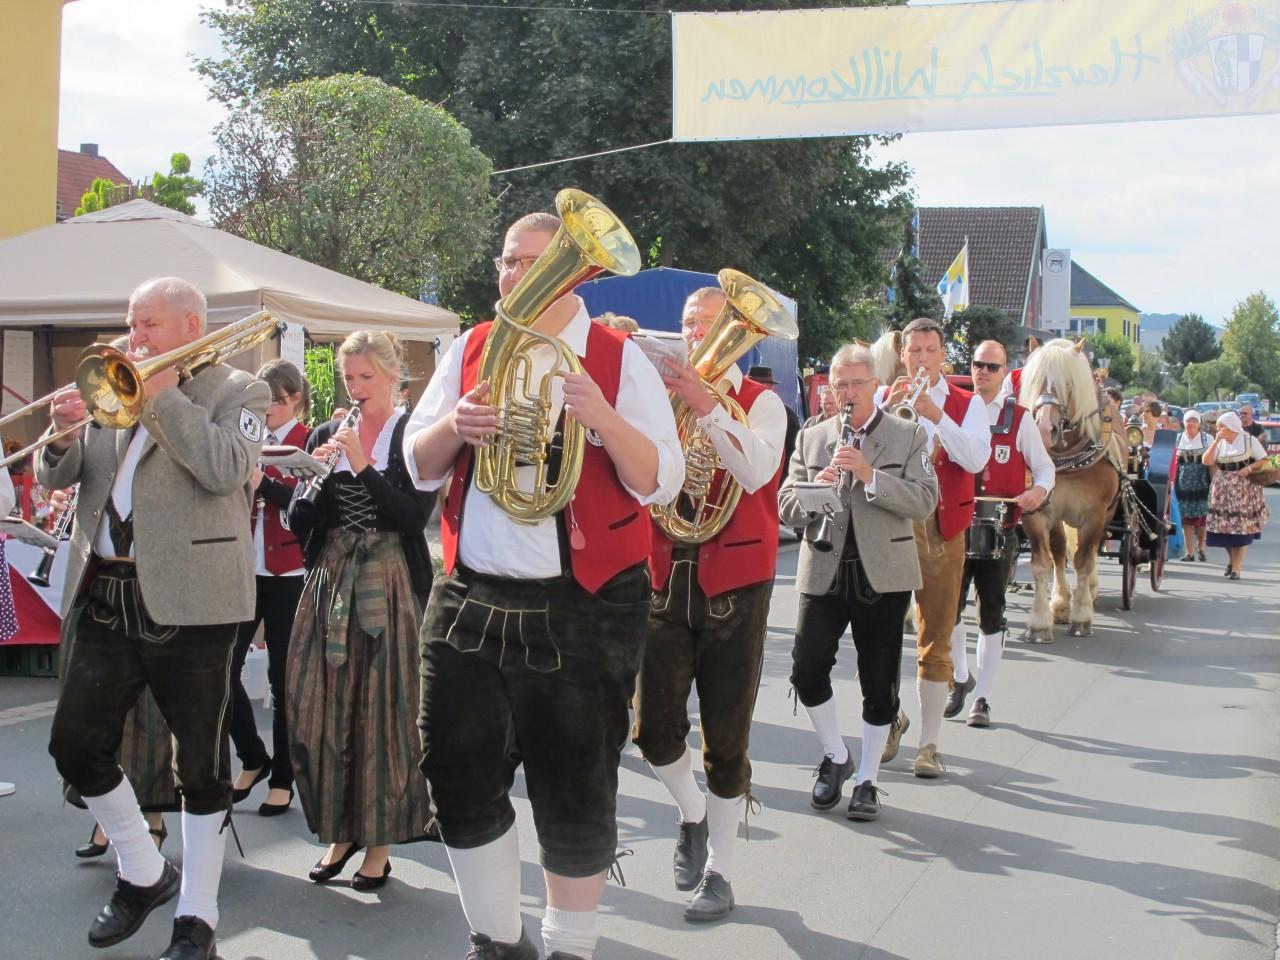 Heimatgefühle: Baiersdorf zeigte sich am Krenmarkt wieder von seiner zünftigen Seite.